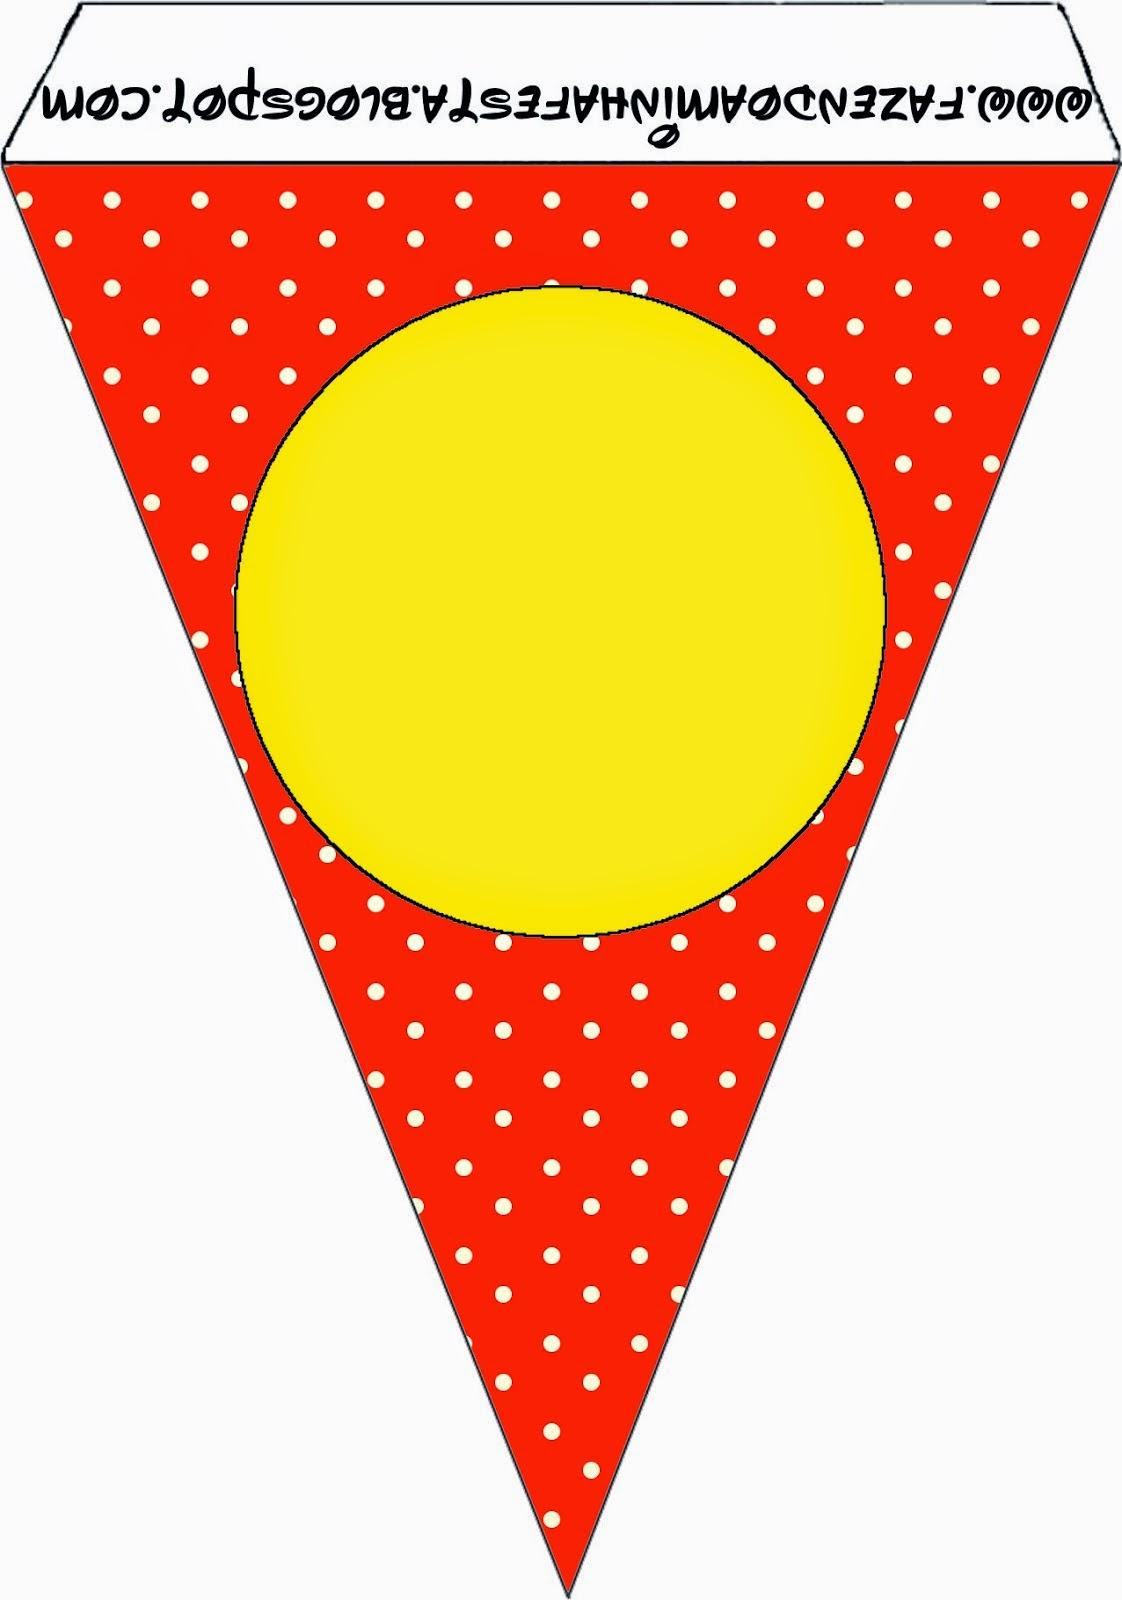 Banderines para Imprimir Gratis de Rojo, Amarillo y Lunares Blancos.